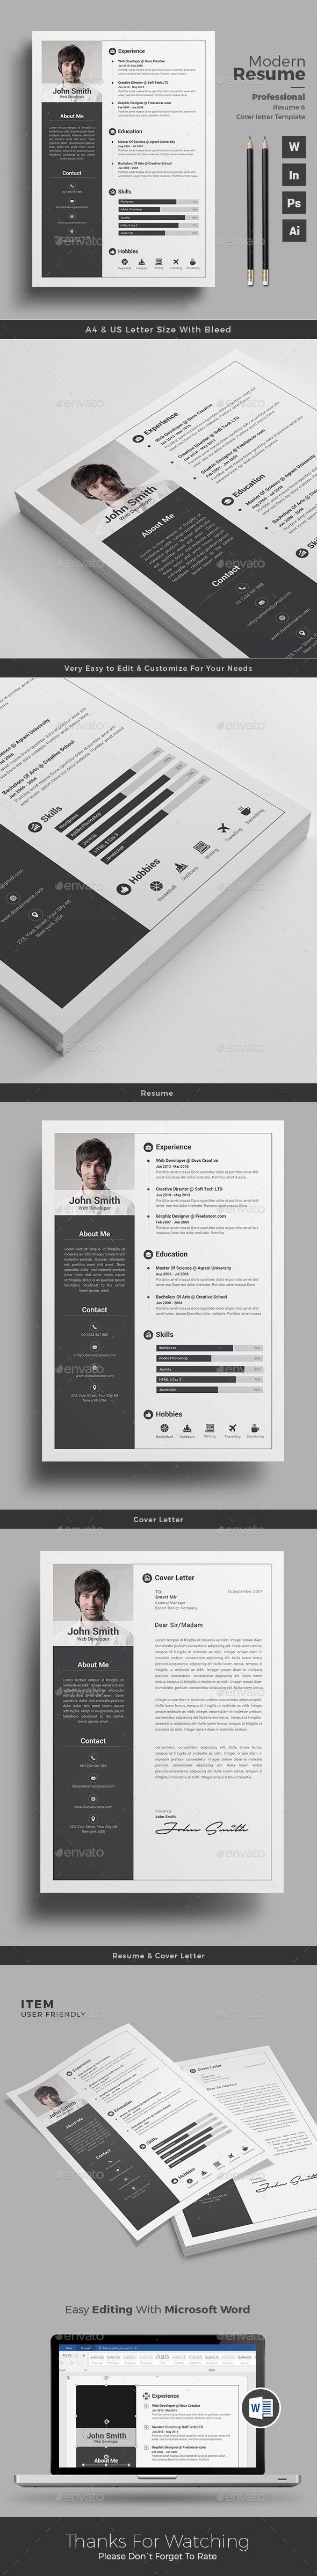 Infographic Resume Template Microsoft   ChesslinksInfo